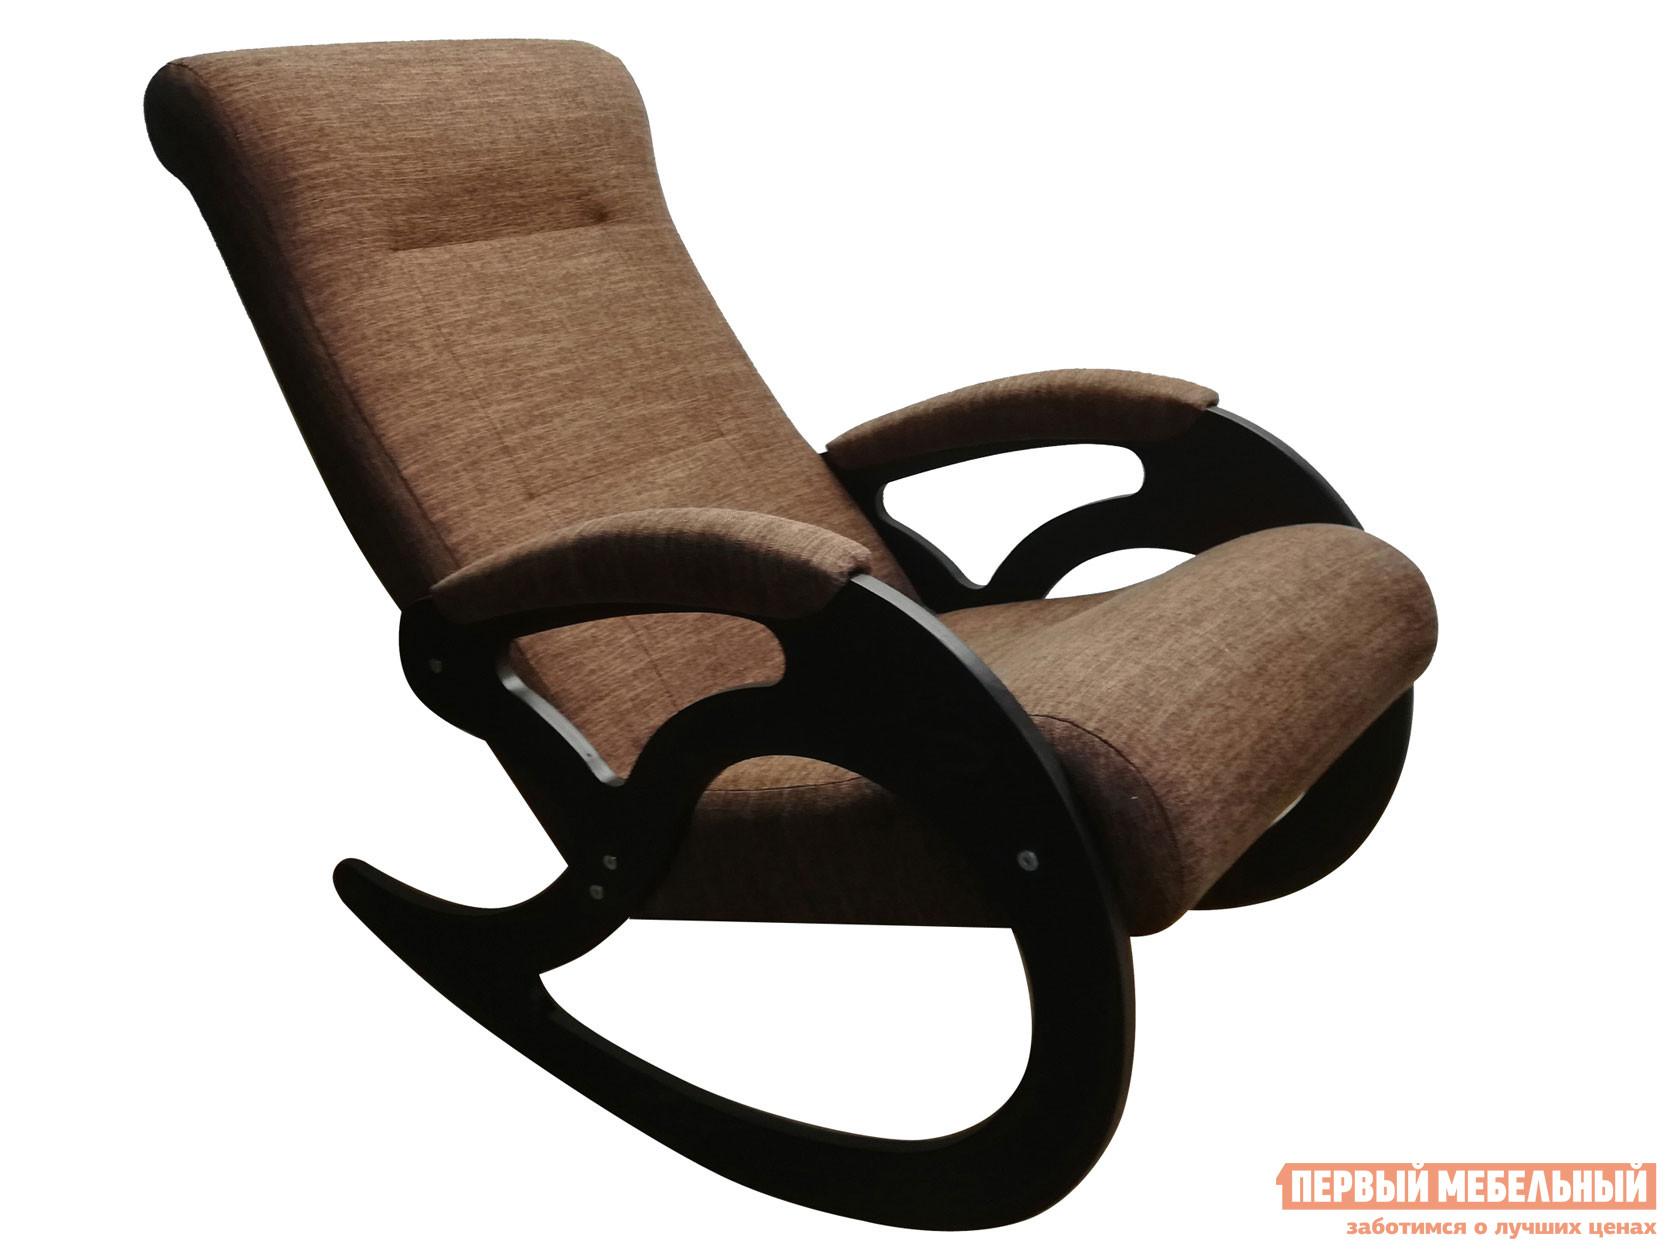 Кресло-качалка  Венера Темно-коричневый, рогожка / Темный орех Мебвилл 110509